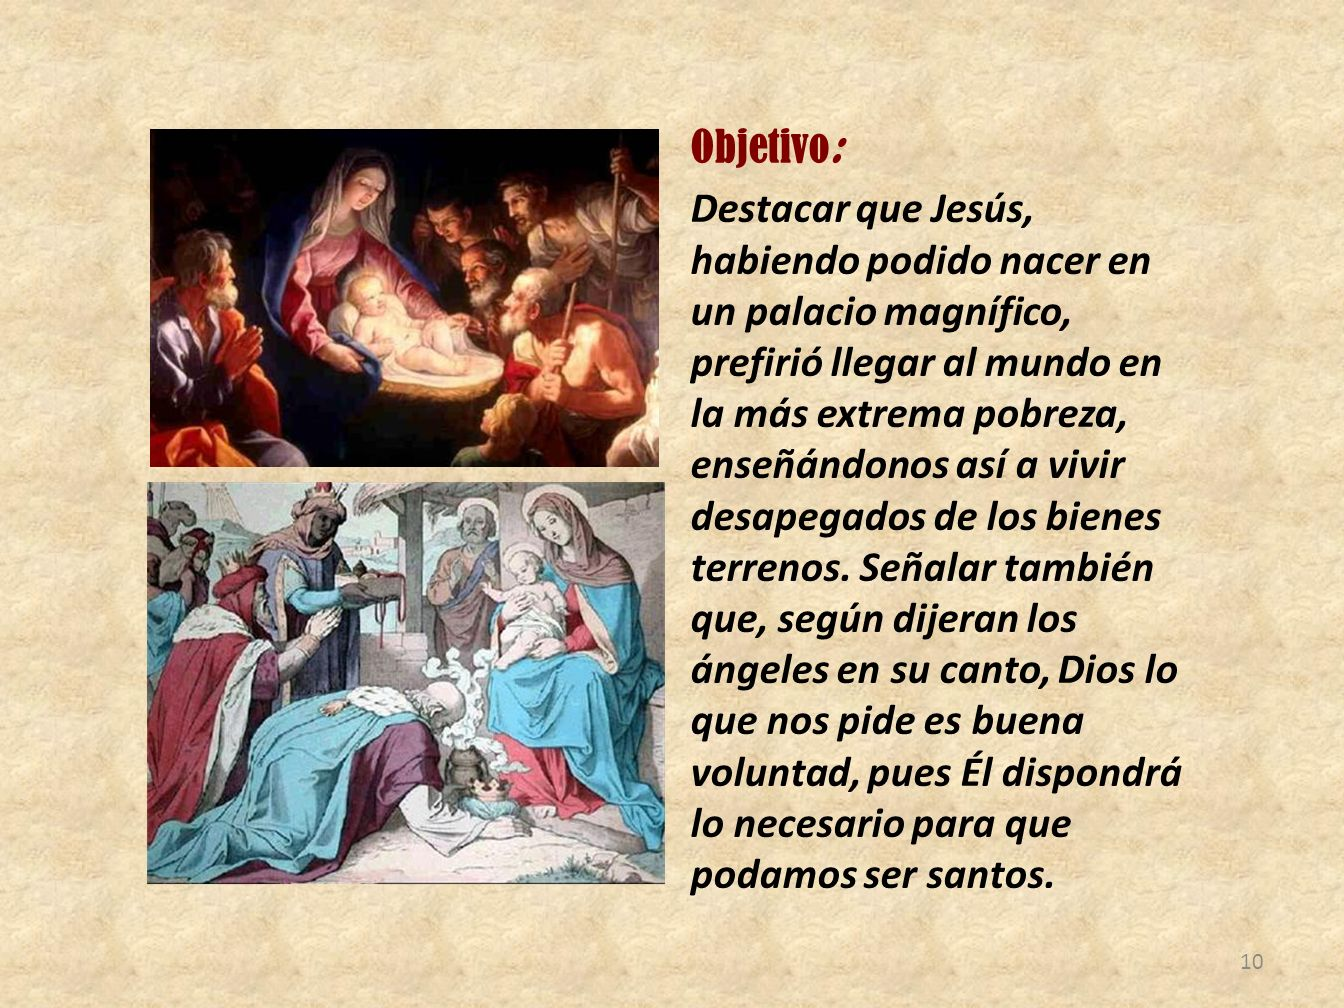 Objetivo: Destacar que Jesús, habiendo podido nacer en un palacio magnífico, prefirió llegar al mundo en la más extrema pobreza, enseñándonos así a vivir desapegados de los bienes terrenos.